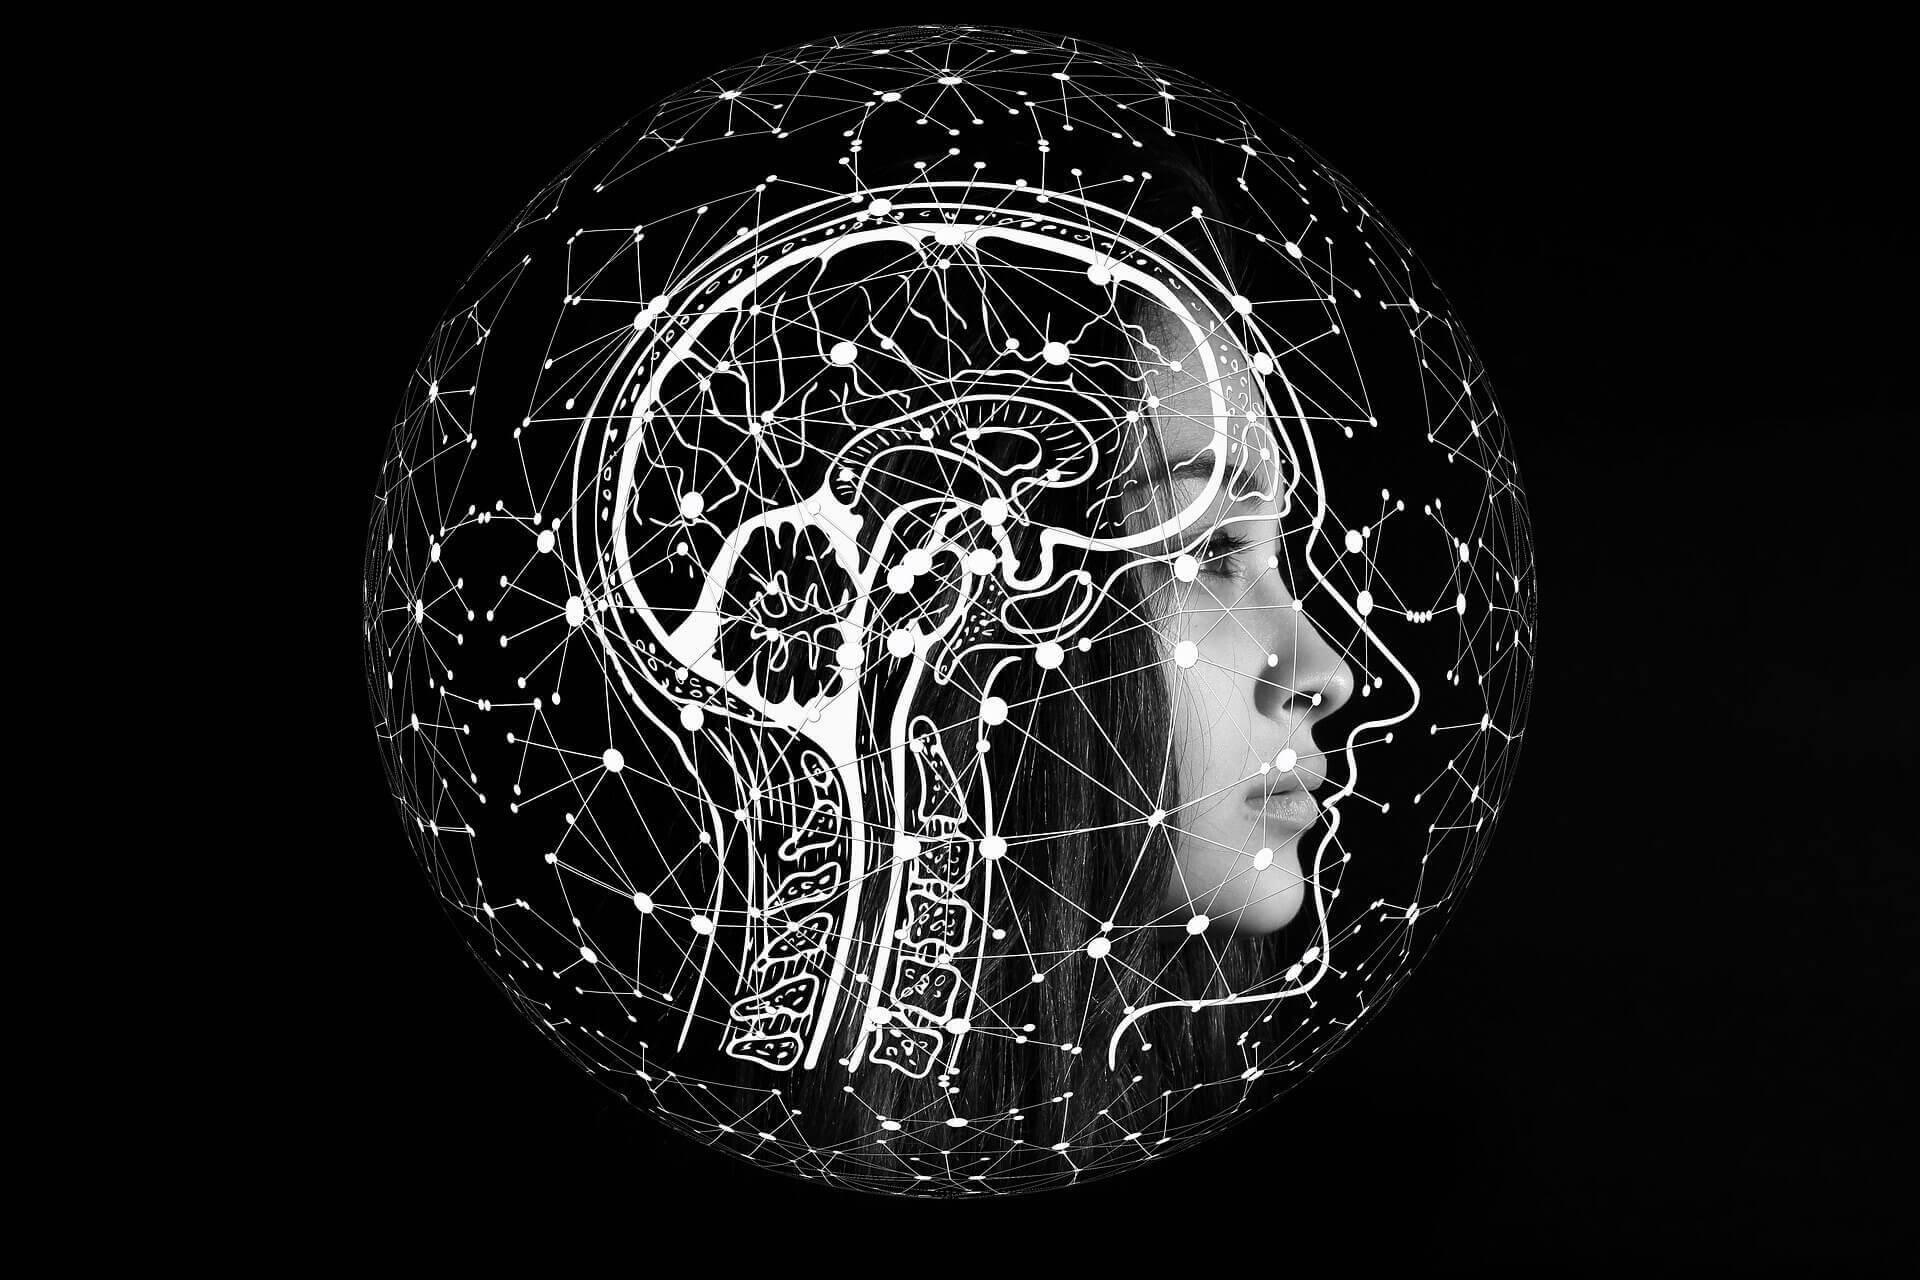 ilustración de cerebros y neuronas sobrepuestas sobre la cara de una mujer